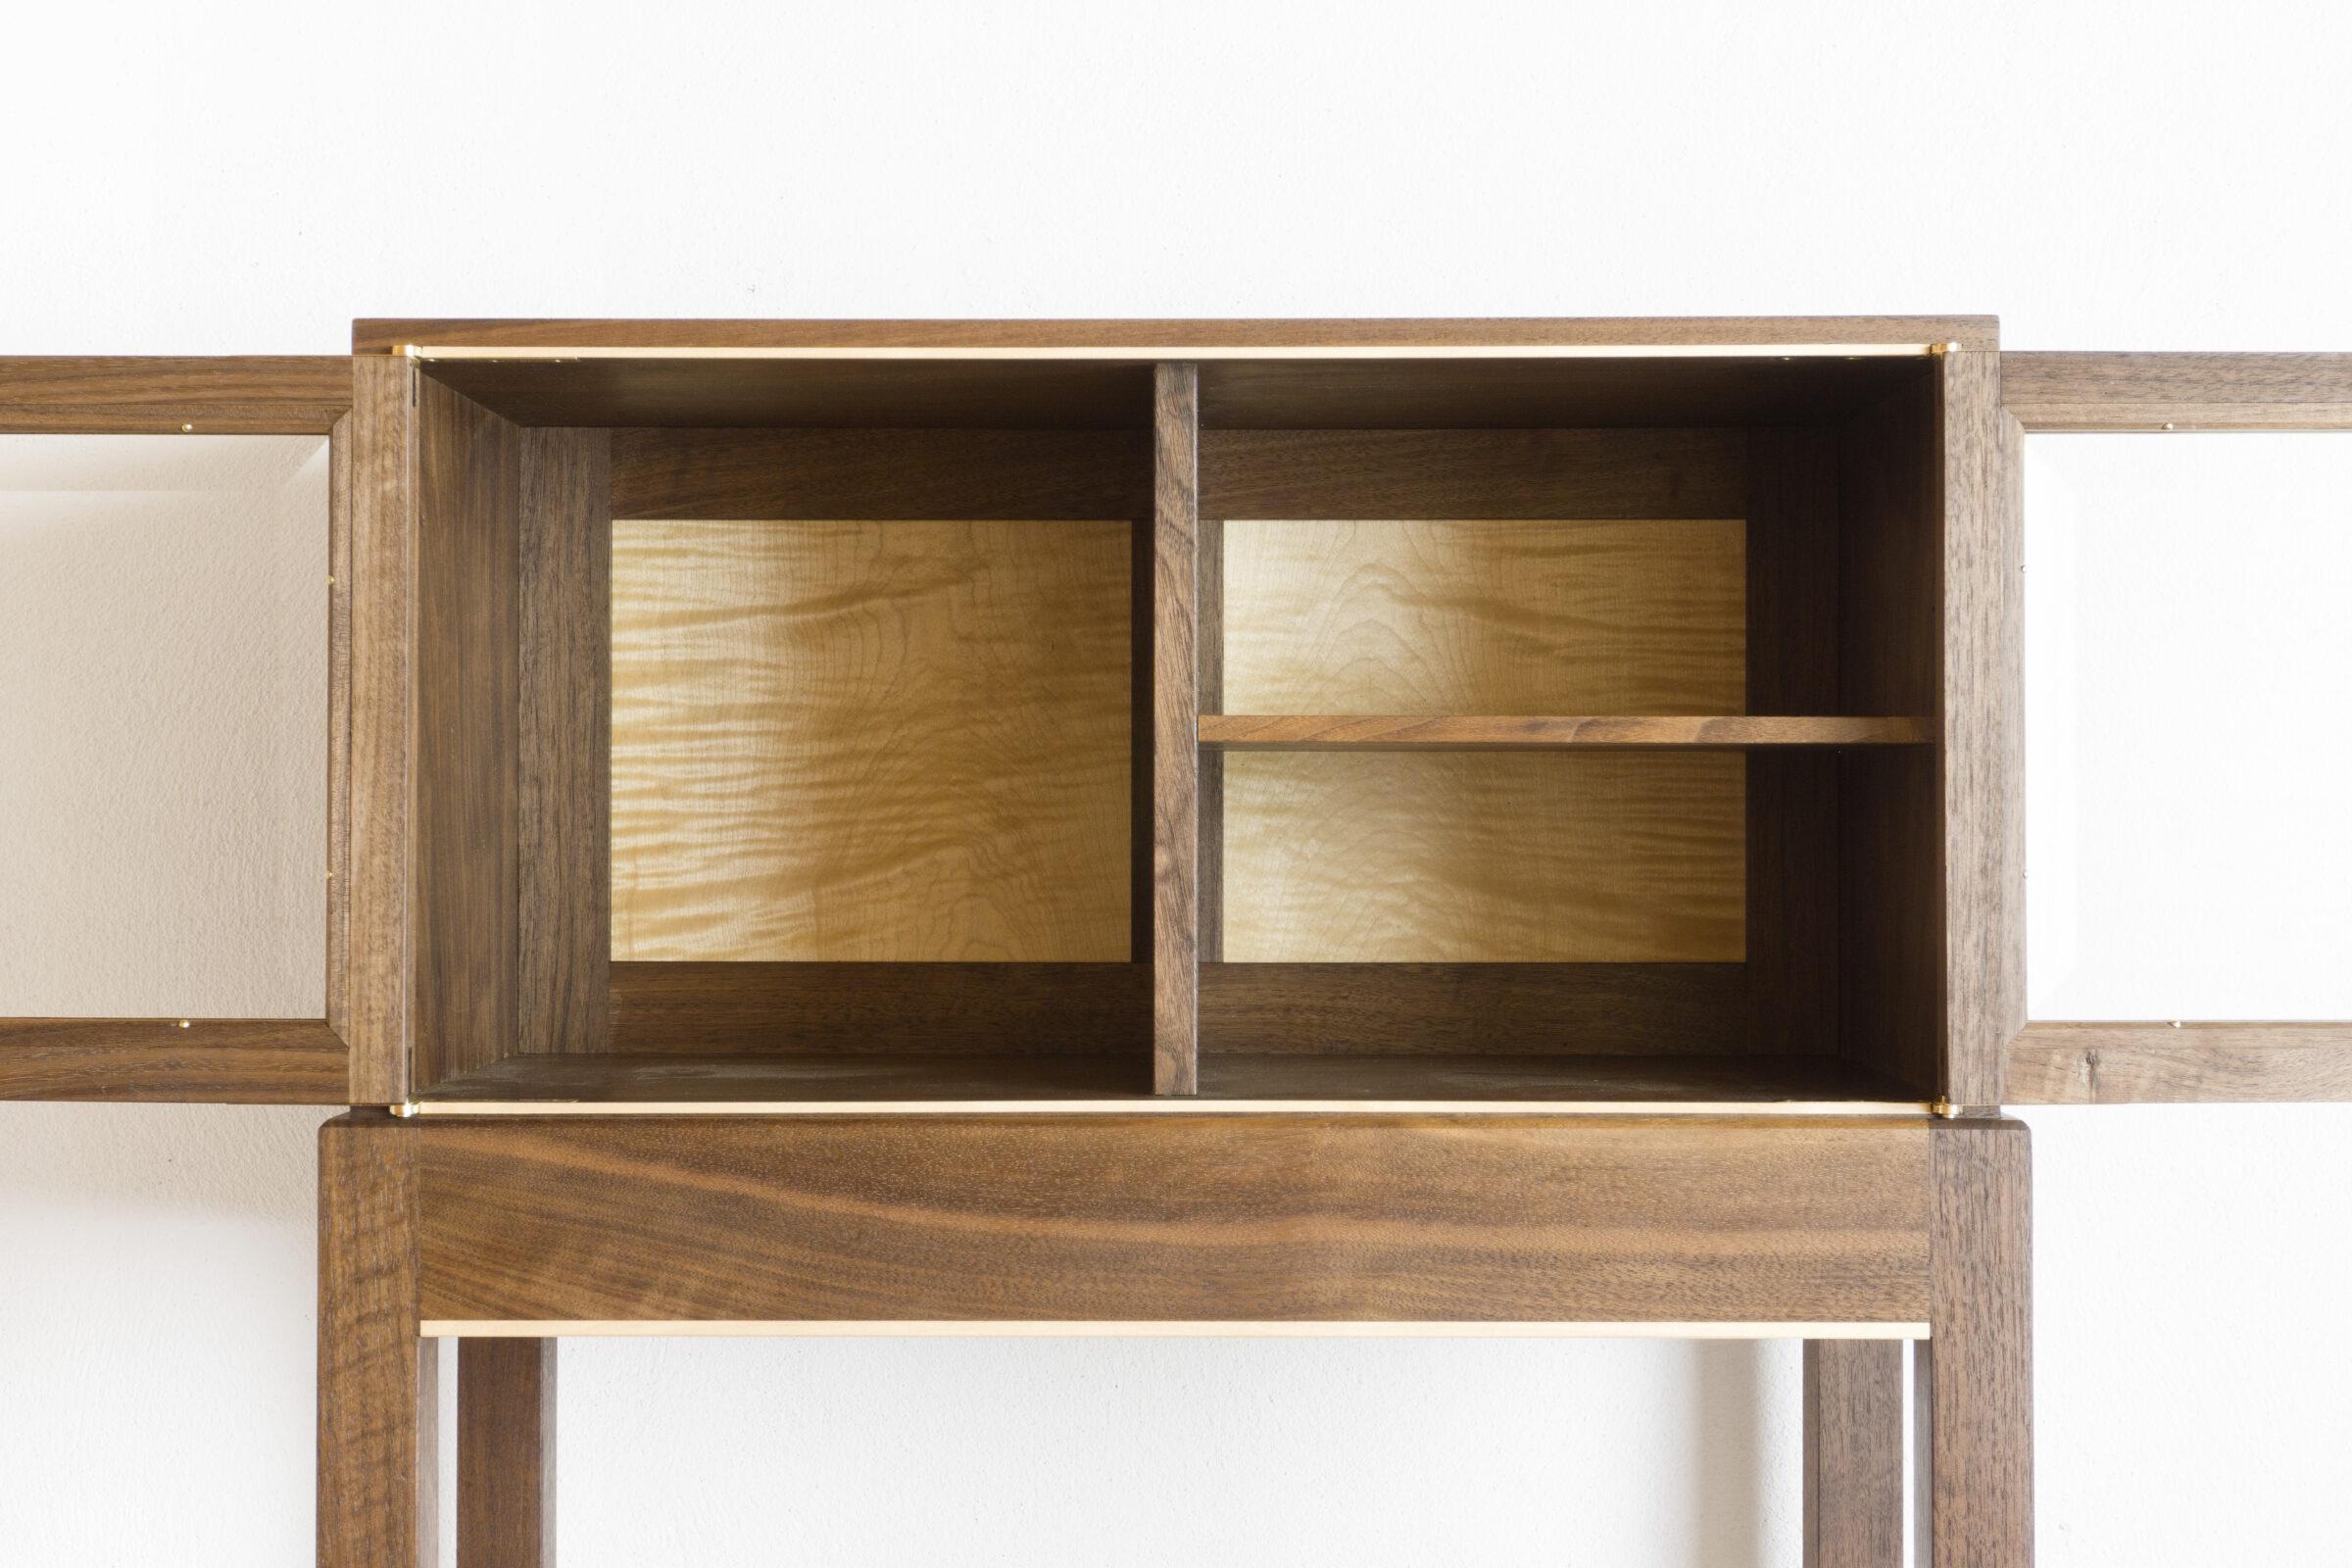 Vitrinenschränkchen, vorne offen, Massivholzmöbel handgemacht, Hochwertige Möbel aus Massivholz, Holzoberflächen handgehobelt, Einzelmöbelstücke, The Trees of Life